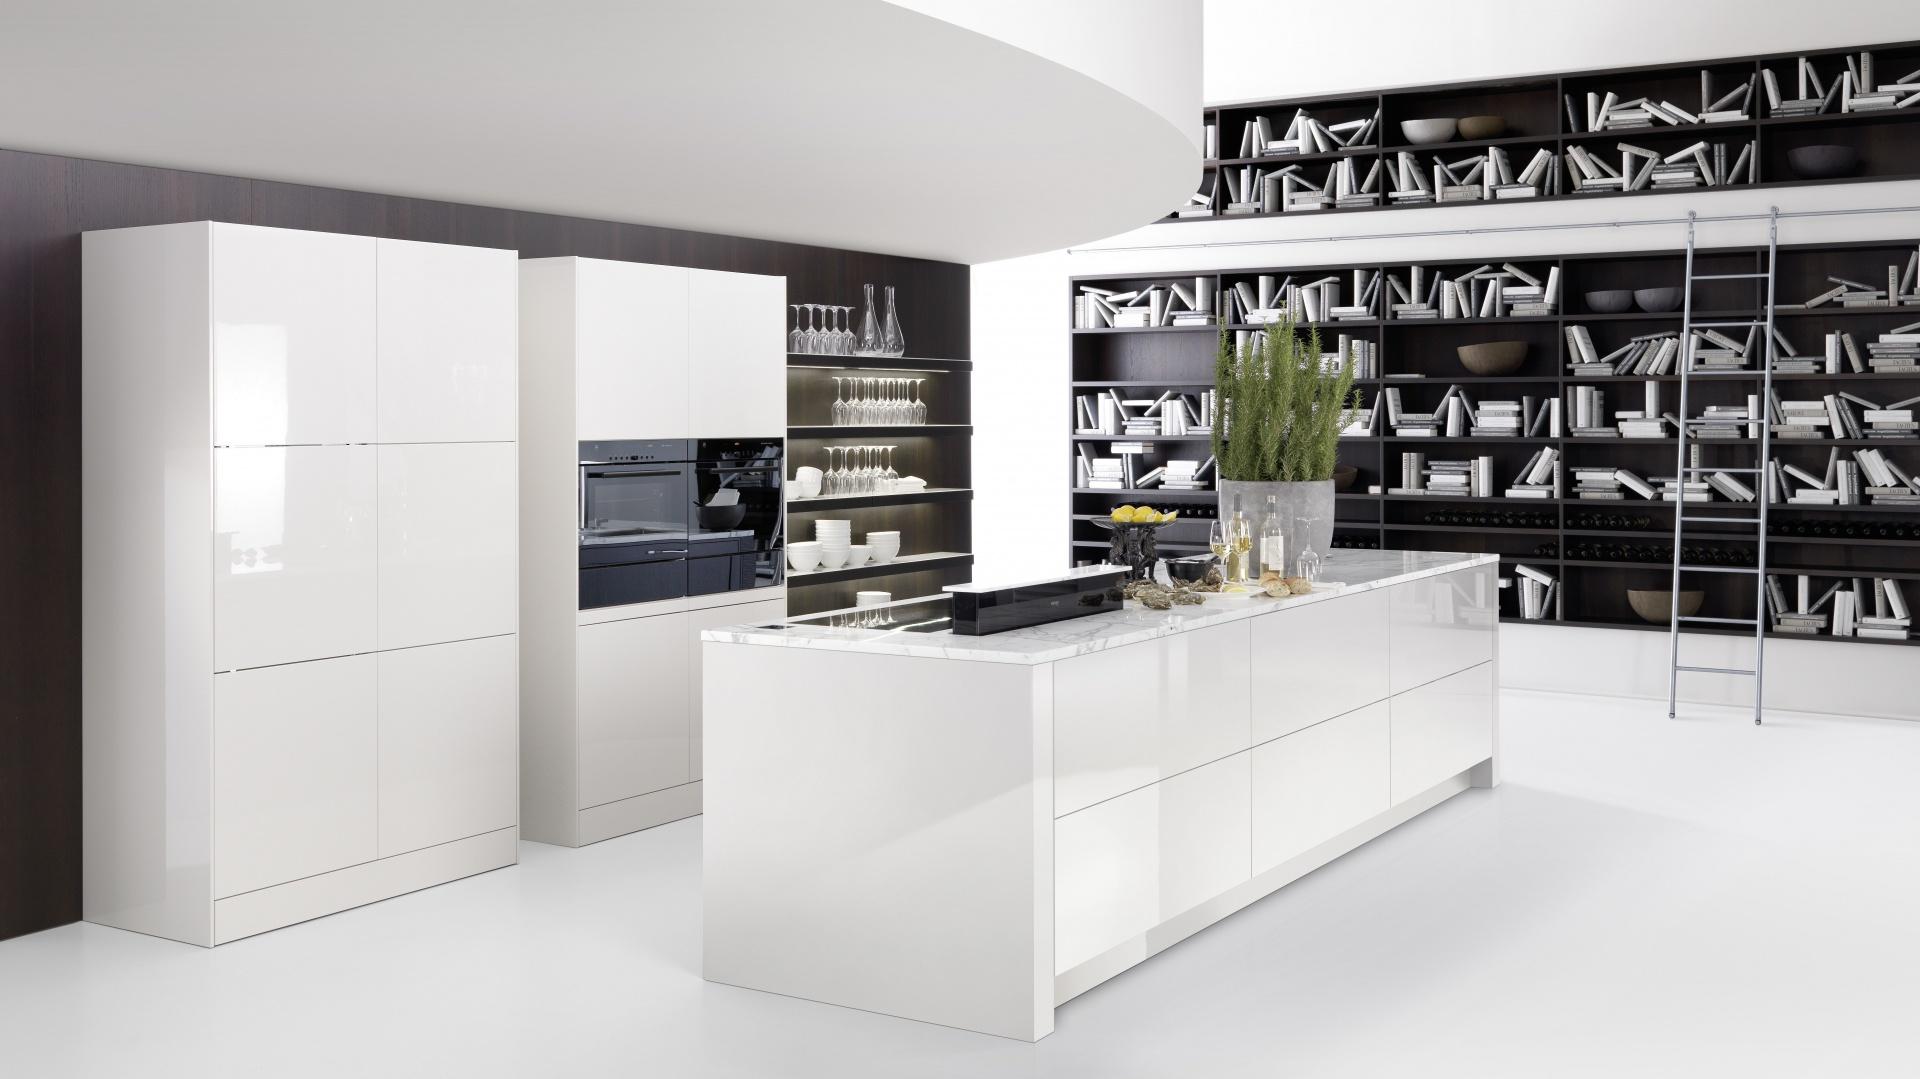 Piękna nowoczesna i nieskazitelnie biała kuchnia z wyspą. Połyskujące fronty mebli kuchennych powiększają dodatkowo i tak dużą przestrzeń. Fot. Rational, kuchnia Cambia.